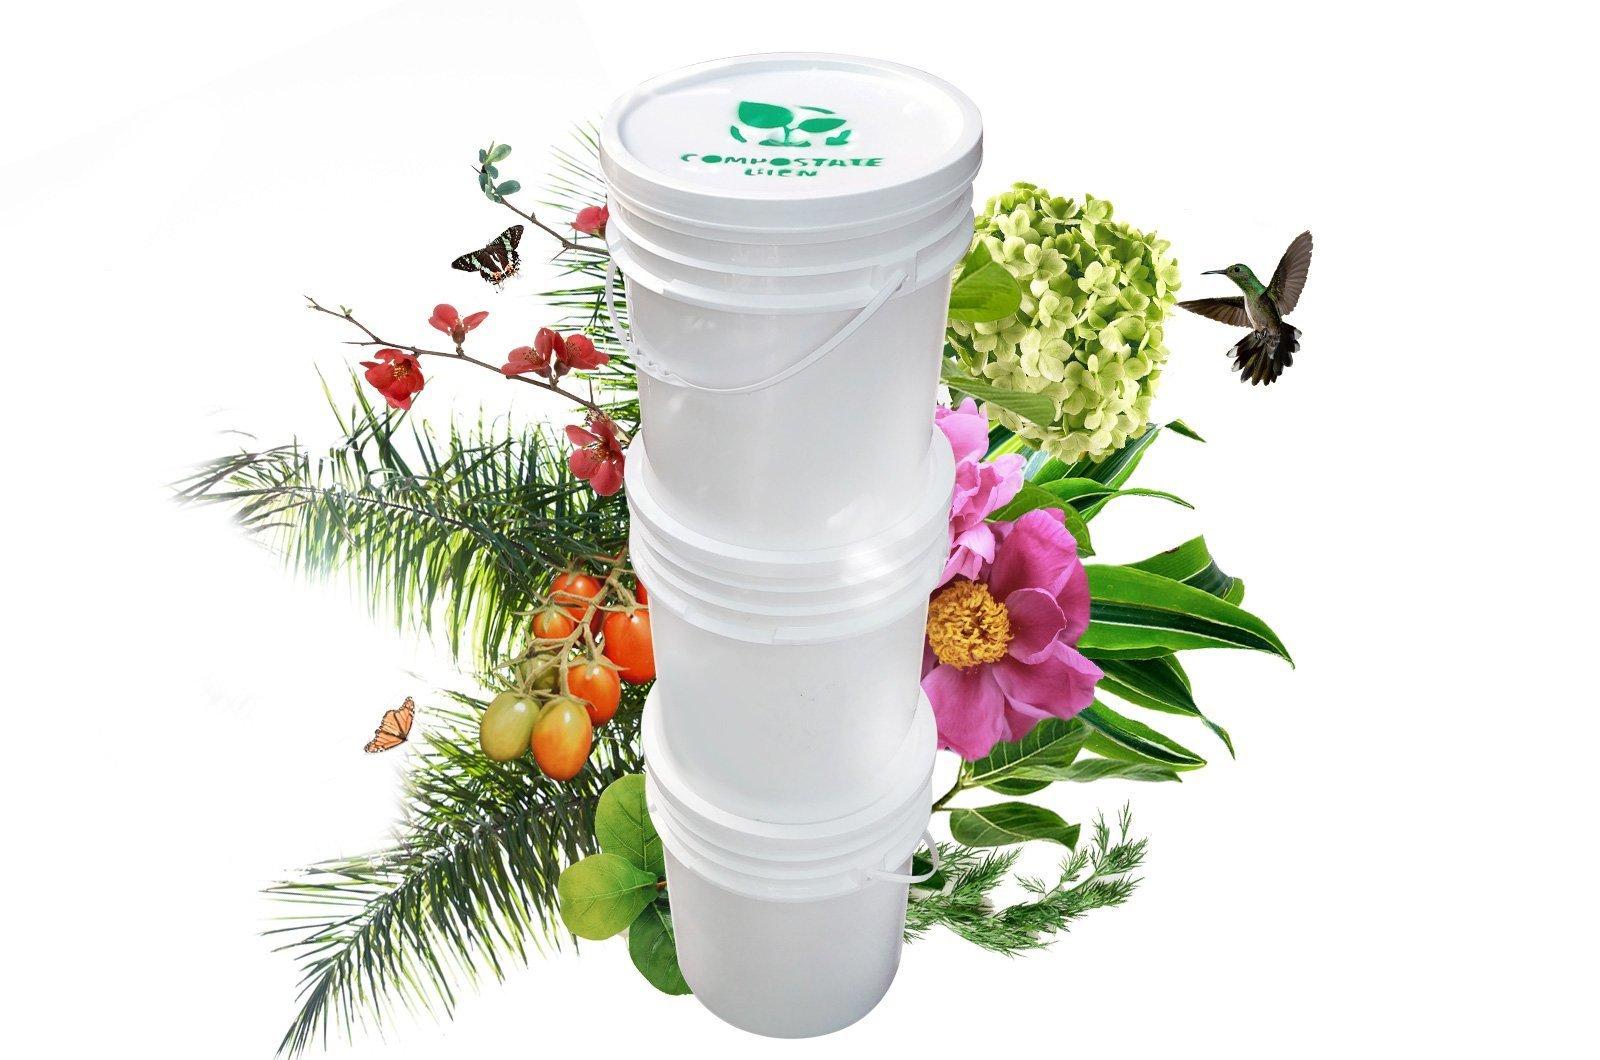 compostera-mas-composicion-de-flores-y-frutos